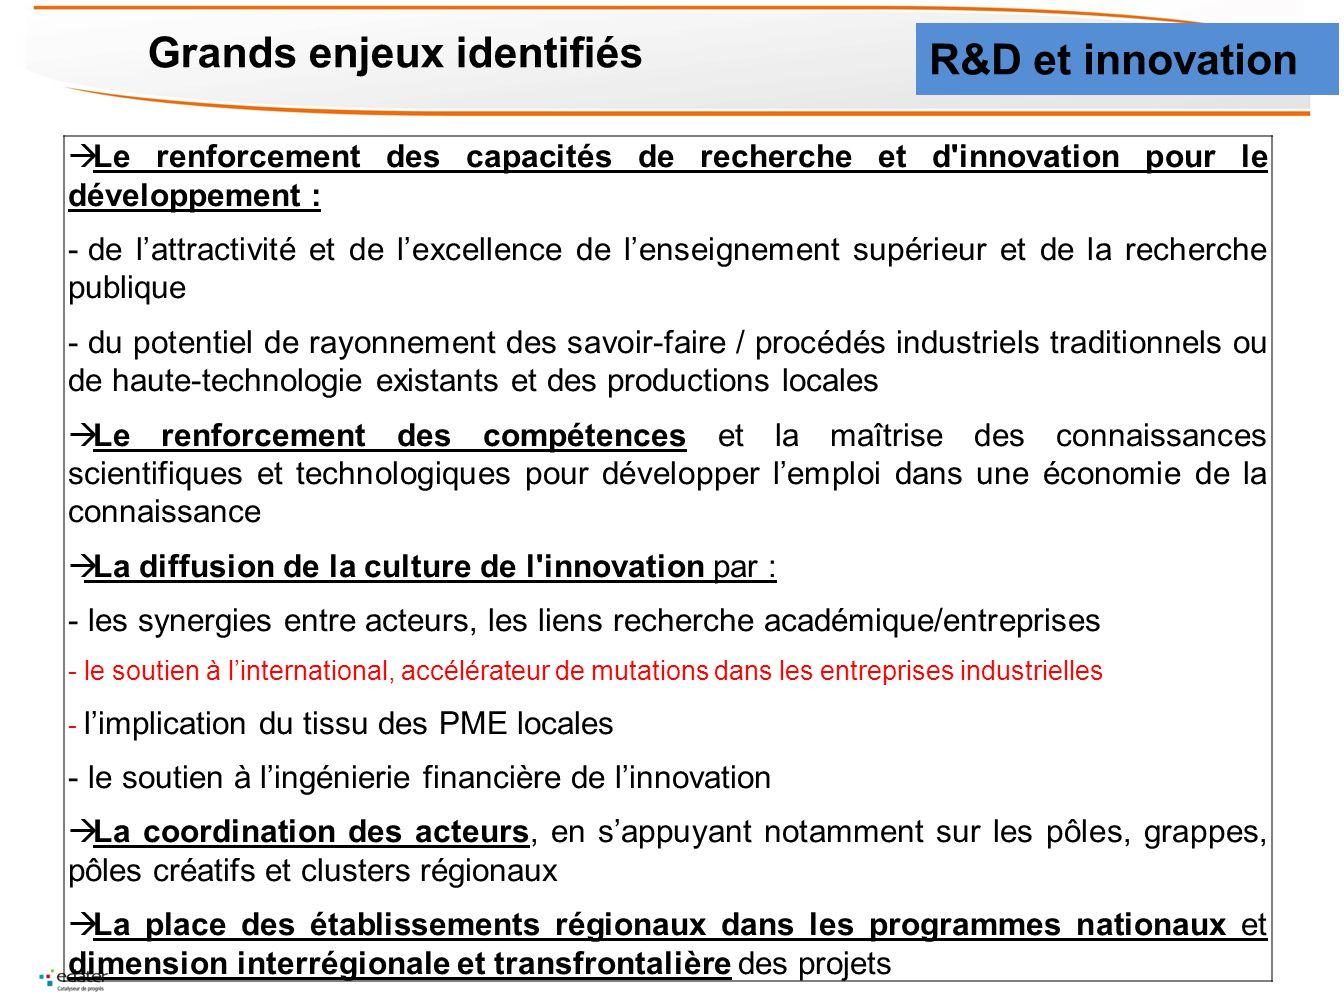 Grands enjeux identifiés Le renforcement des capacités de recherche et d'innovation pour le développement : - de lattractivité et de lexcellence de le